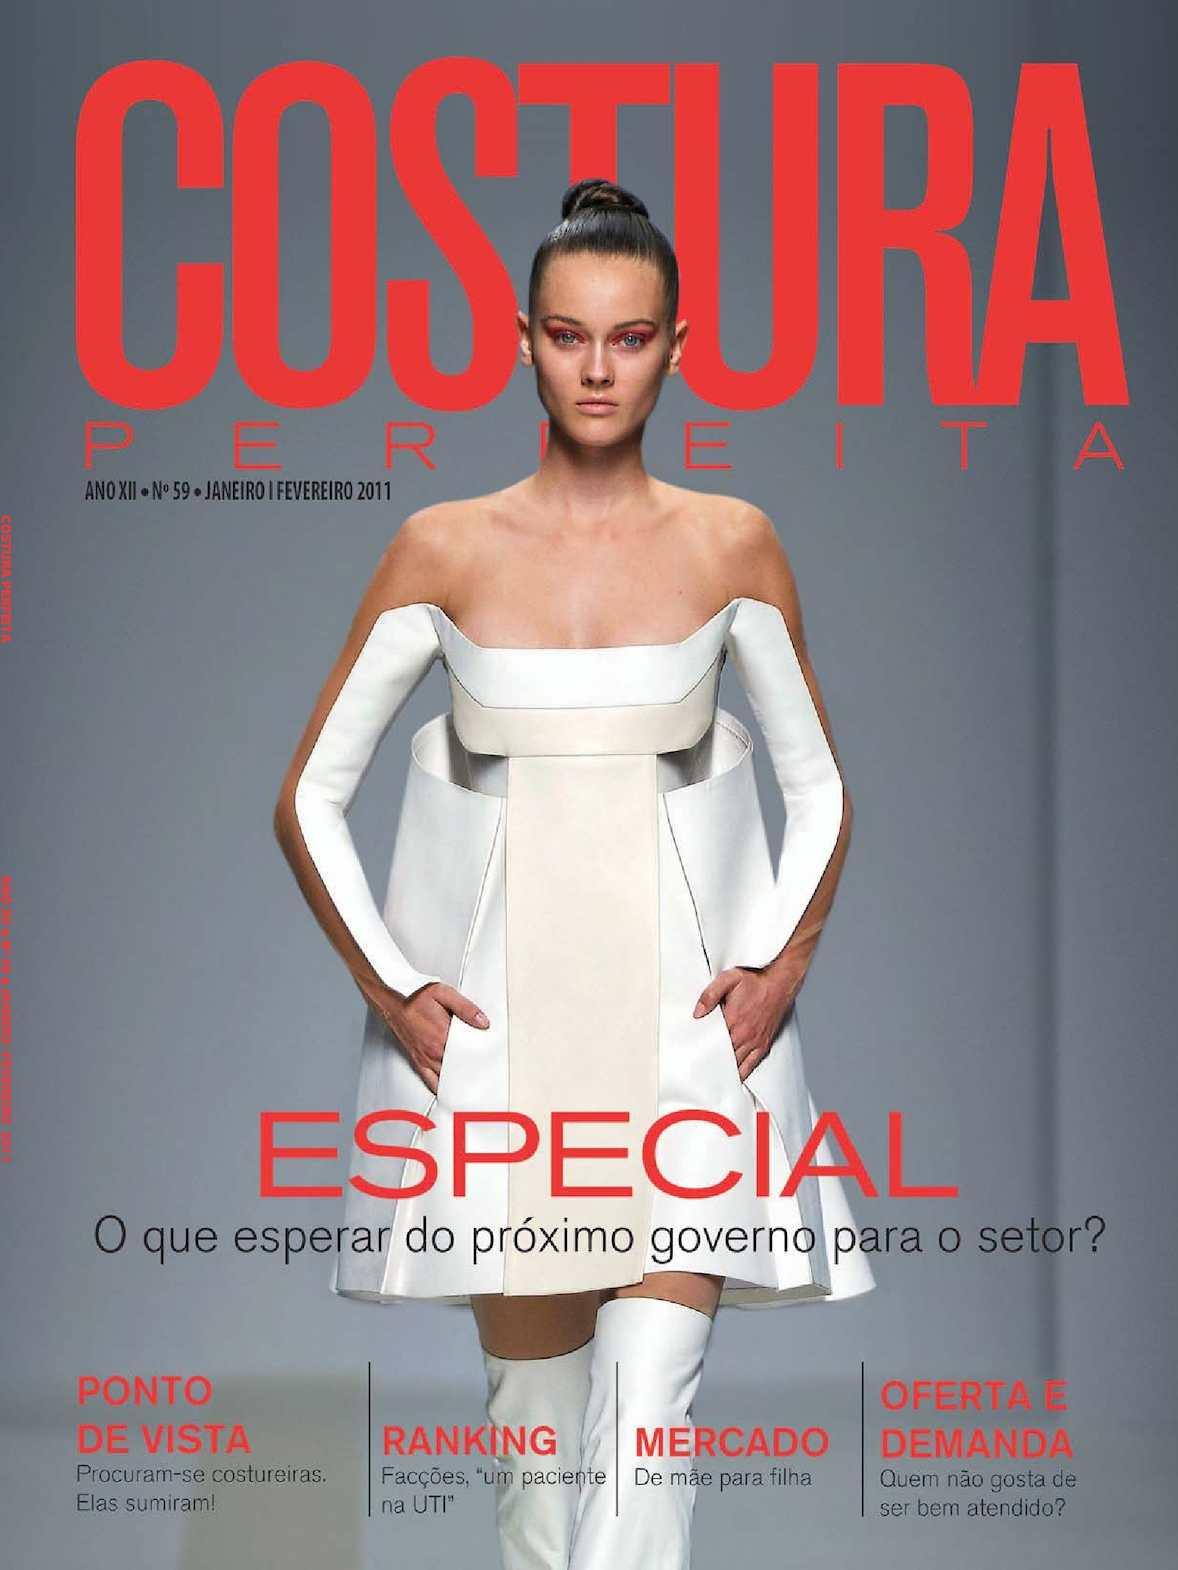 Calaméo - Revista Costura Perfeita Edição Ano XII - N59 - Janeiro-Fevereiro  2011 9d578d31fb